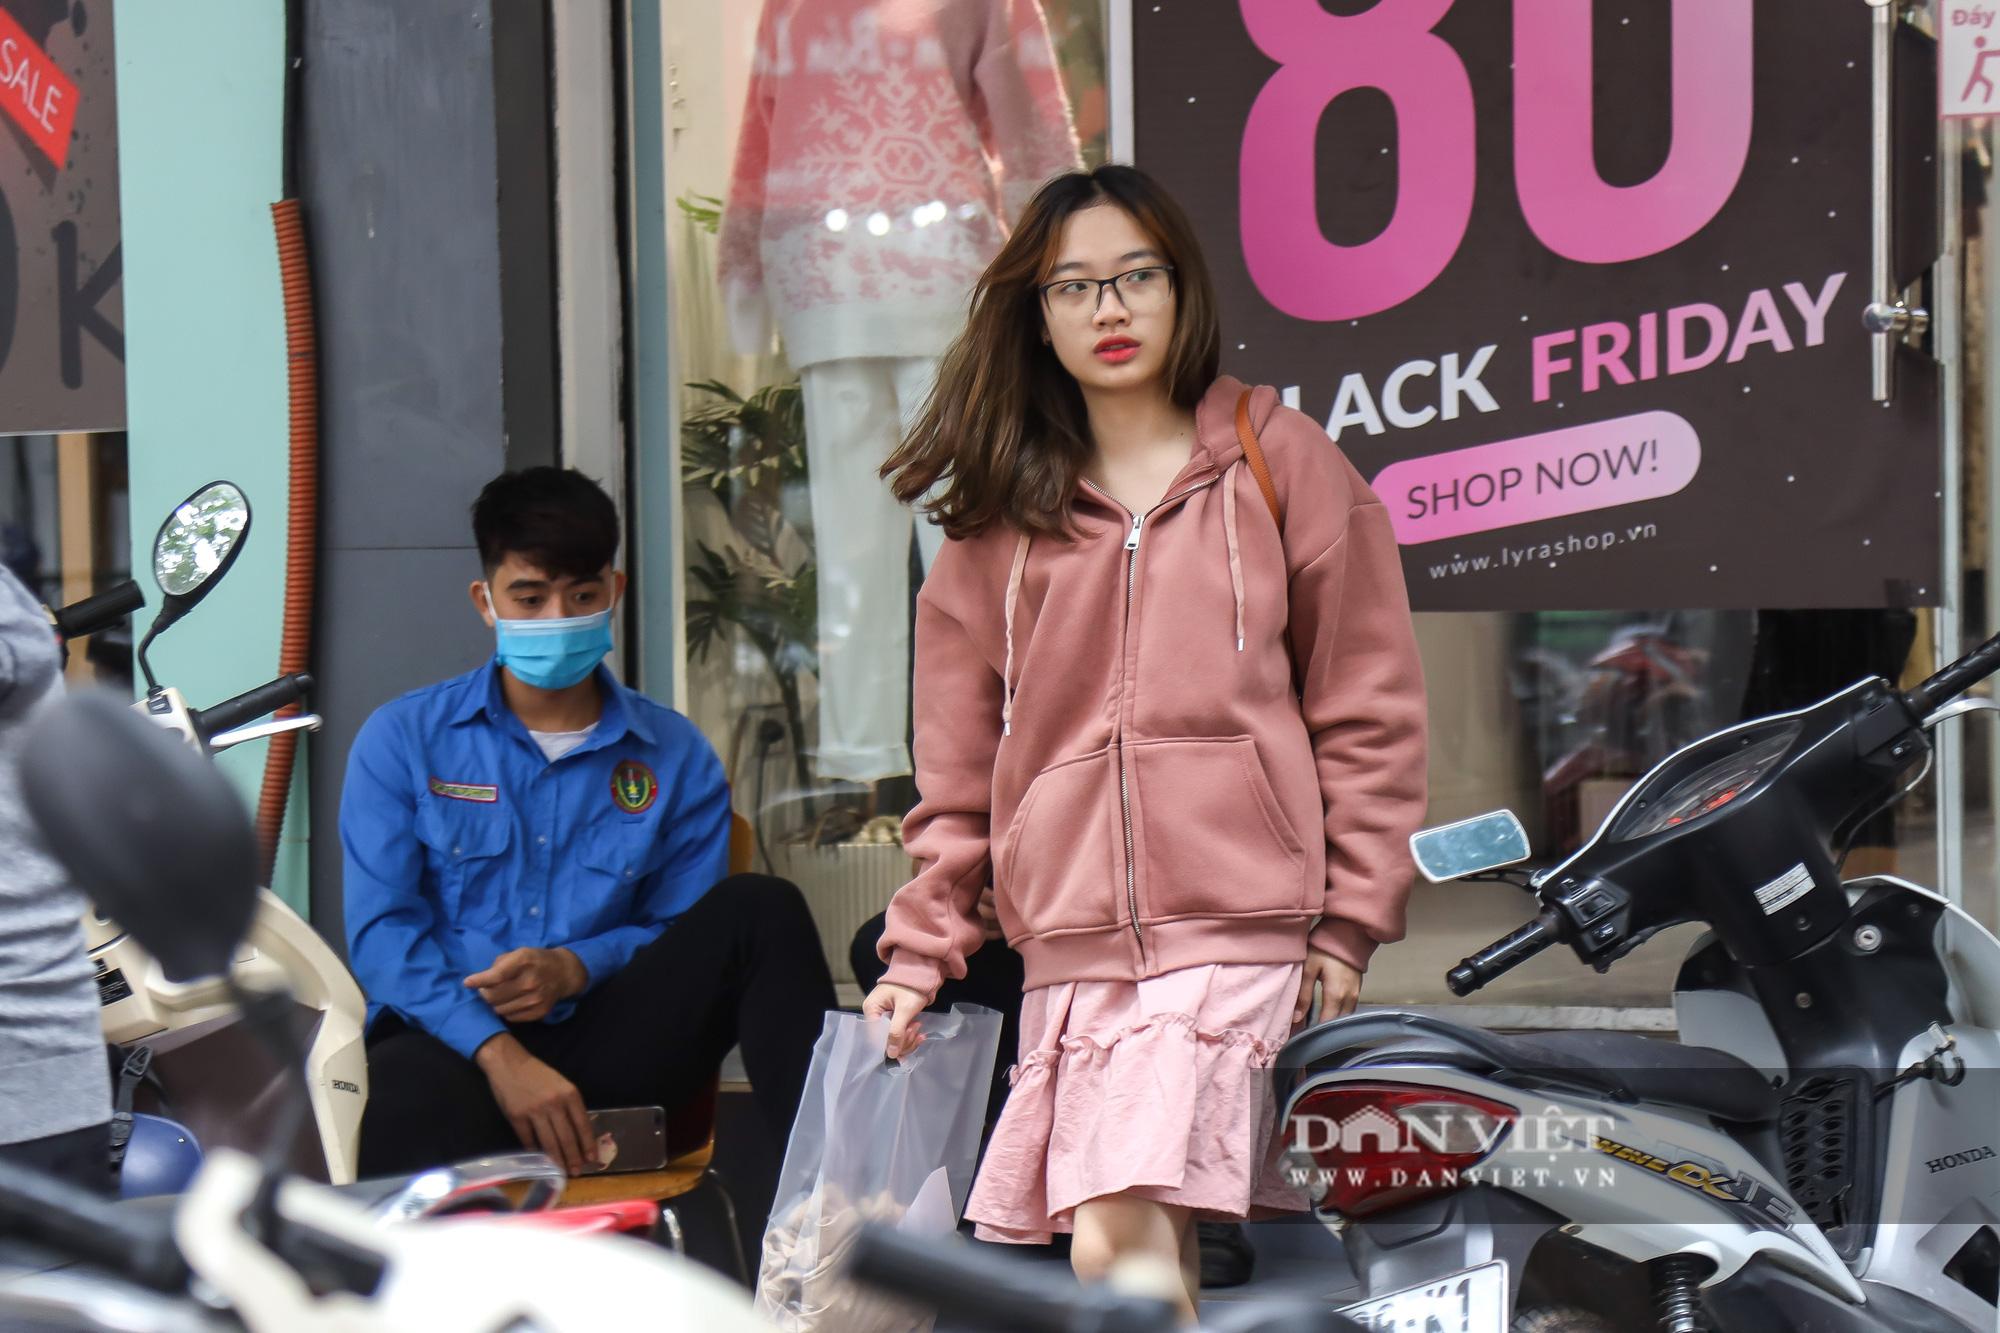 Phố thời trang Hà Nội rợp biển giảm giá 80% dù chưa đến Black Friday - Ảnh 11.